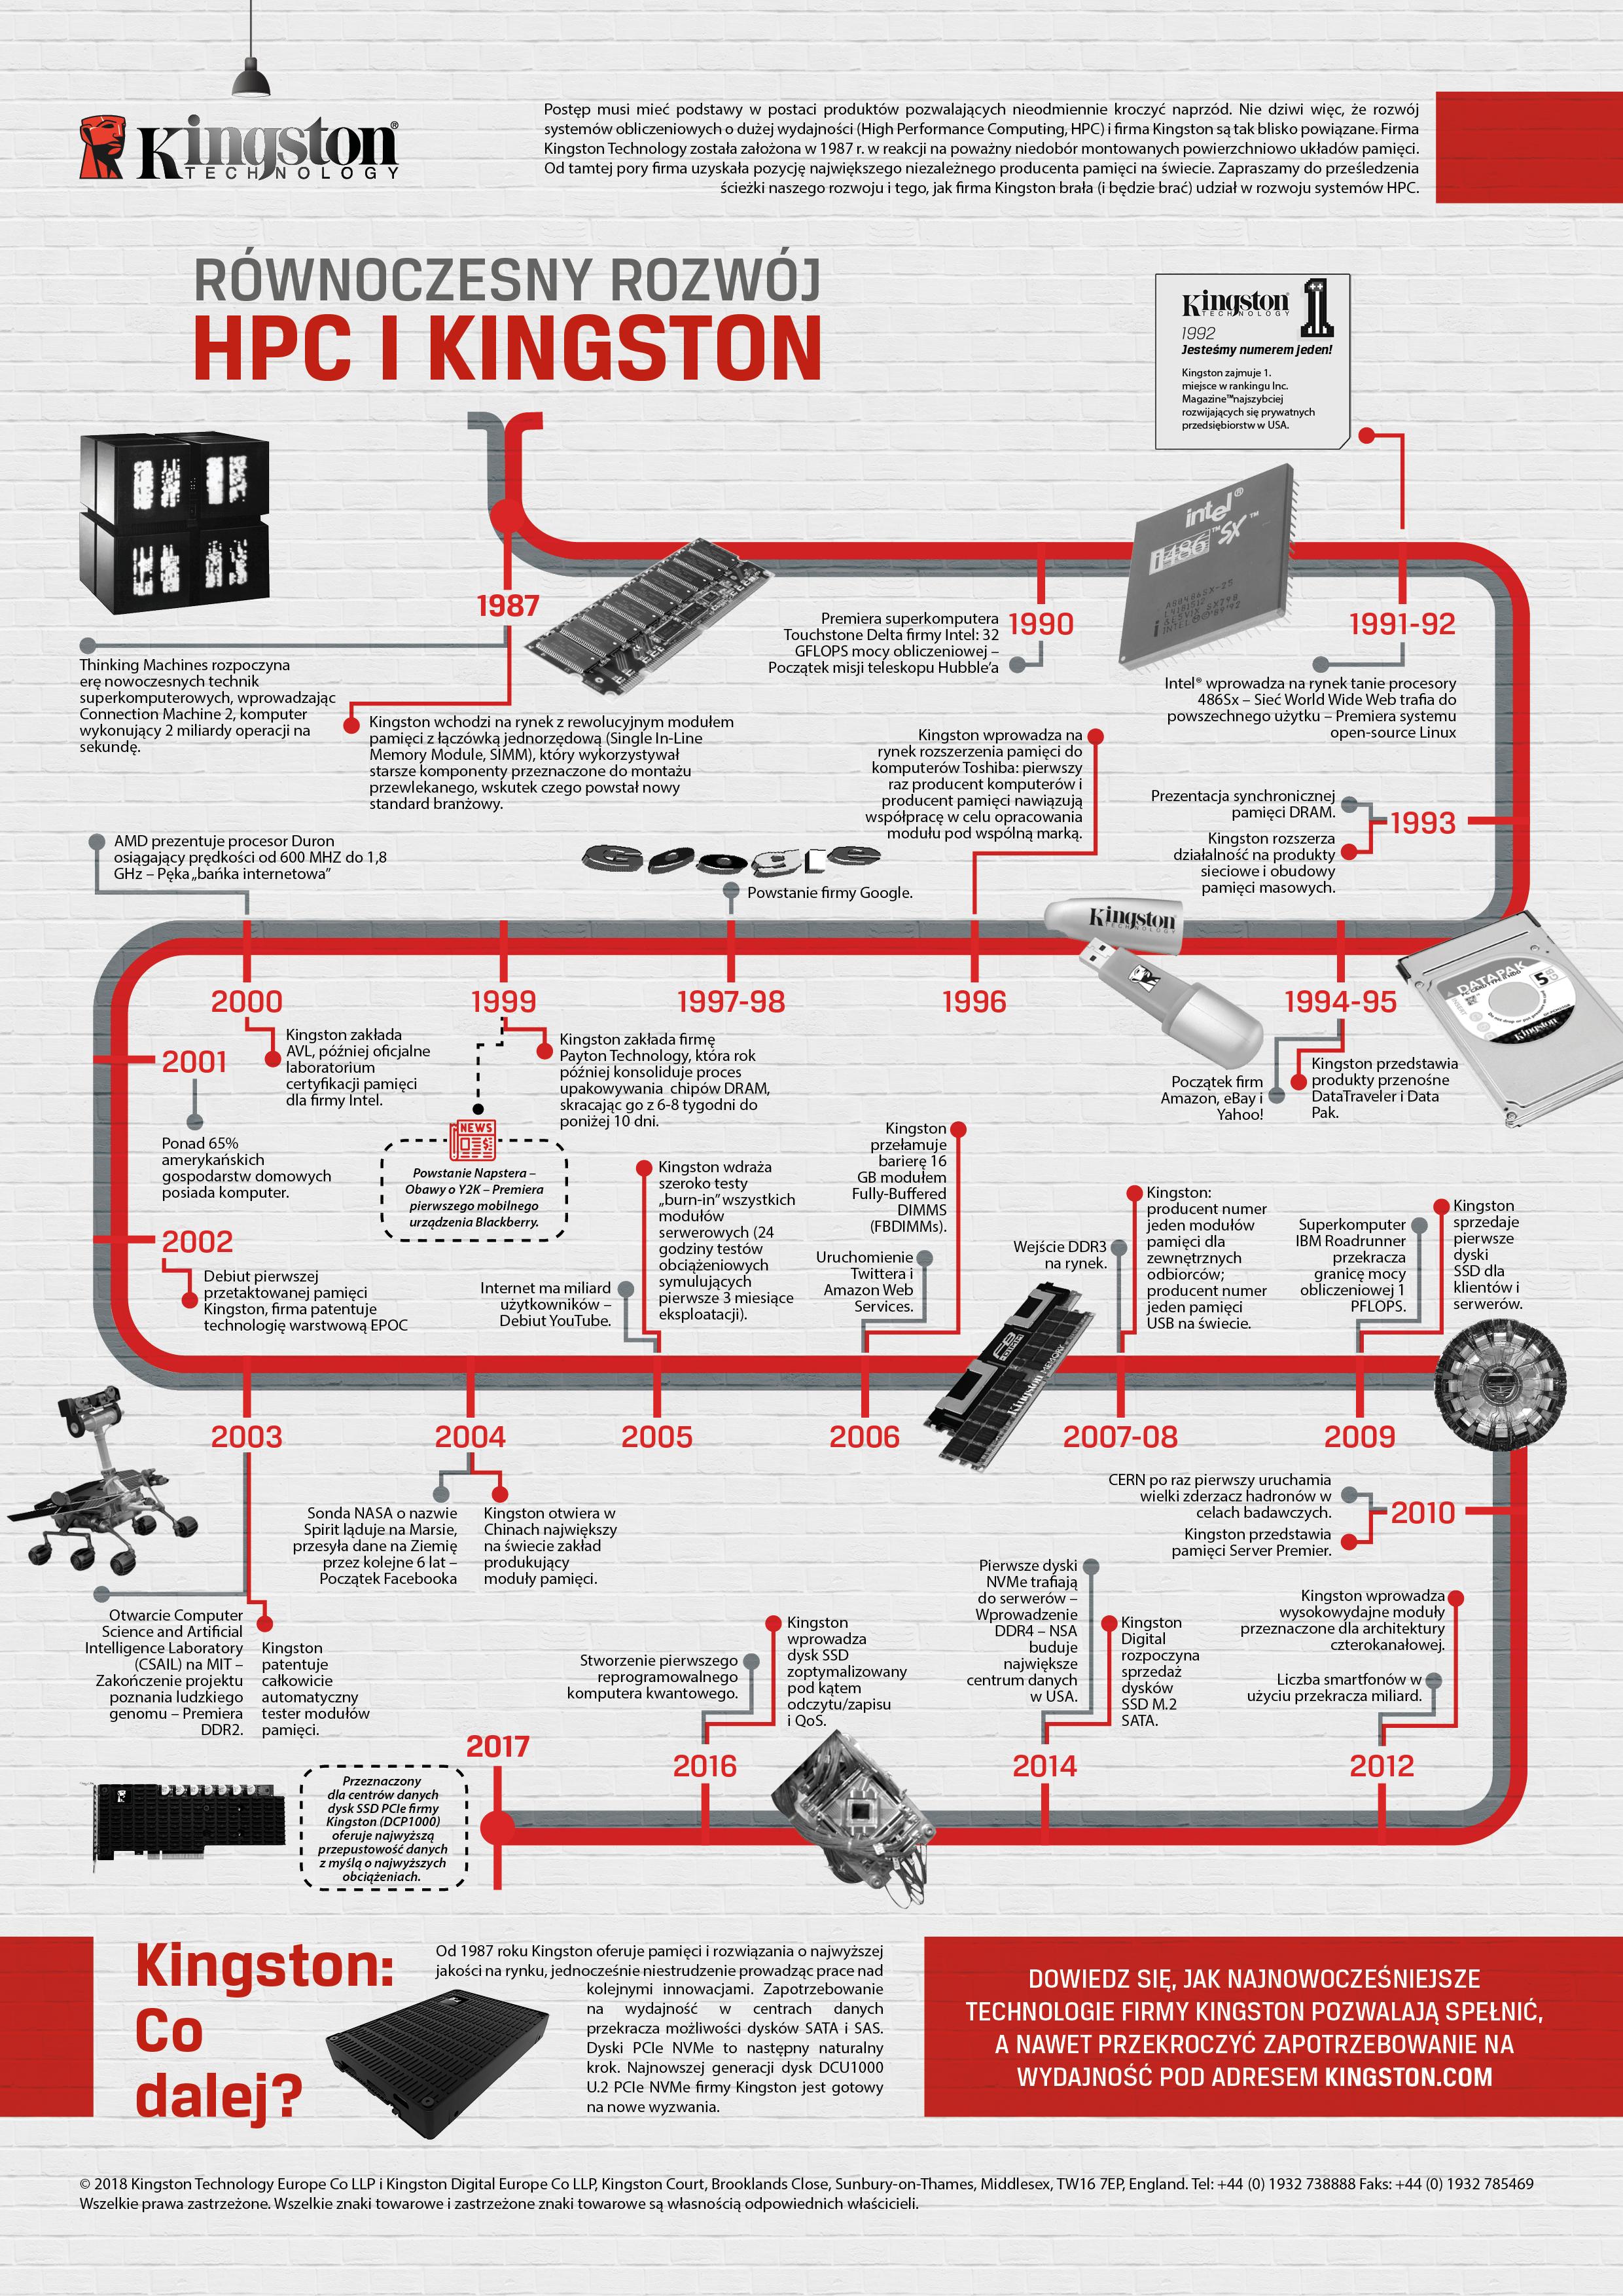 Równoczesny rozwój - HPC i Kingston